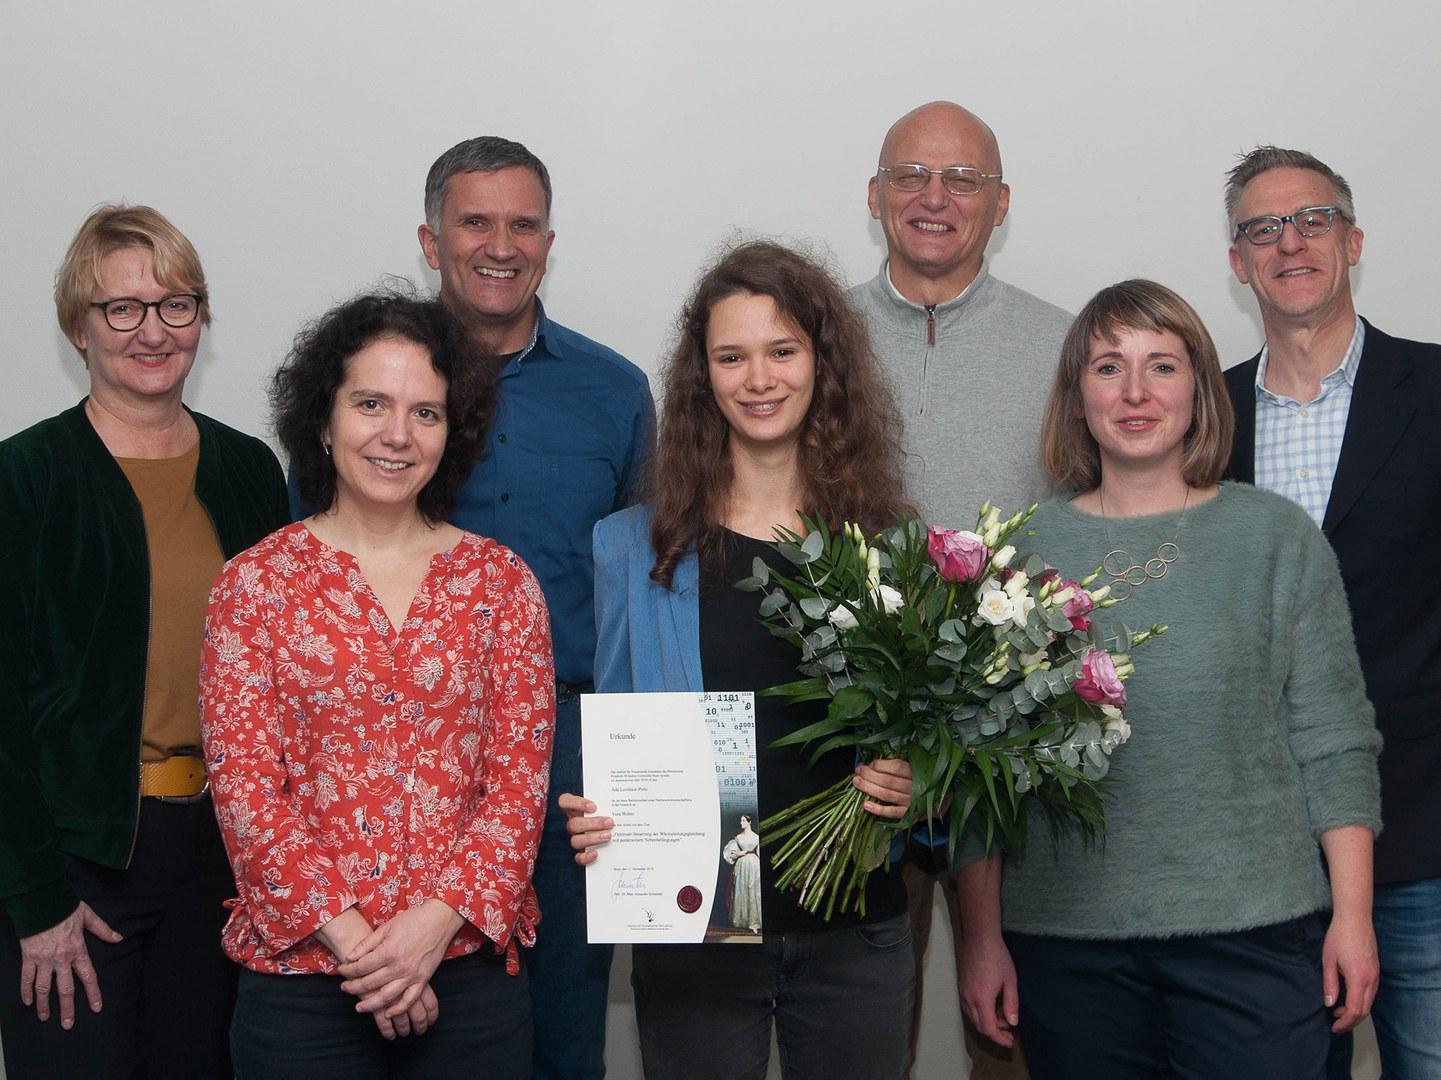 Verleihung des Ada Lovelace-Preises an der Universität Bonn: